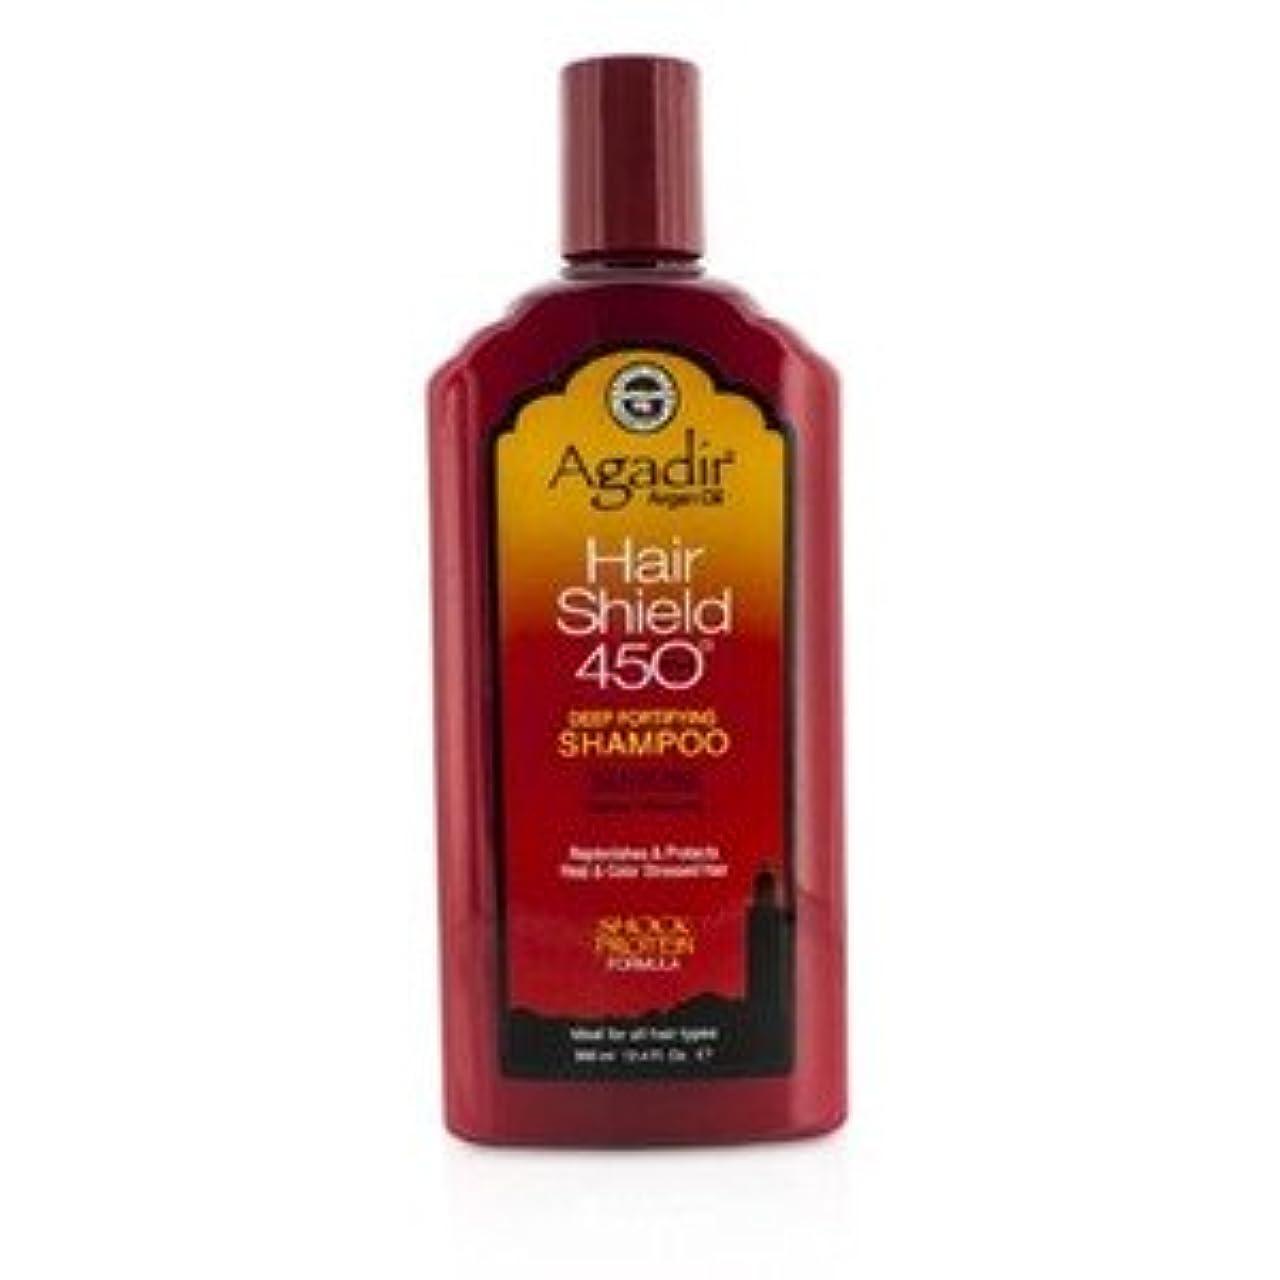 アピール失業投資するアガディール(Agadir) ヘア シールド 450 プラス ディープ フォーティファイング シャンプー - サルフェートフリー(For All Hair Types) 366ml/12.4oz [並行輸入品]